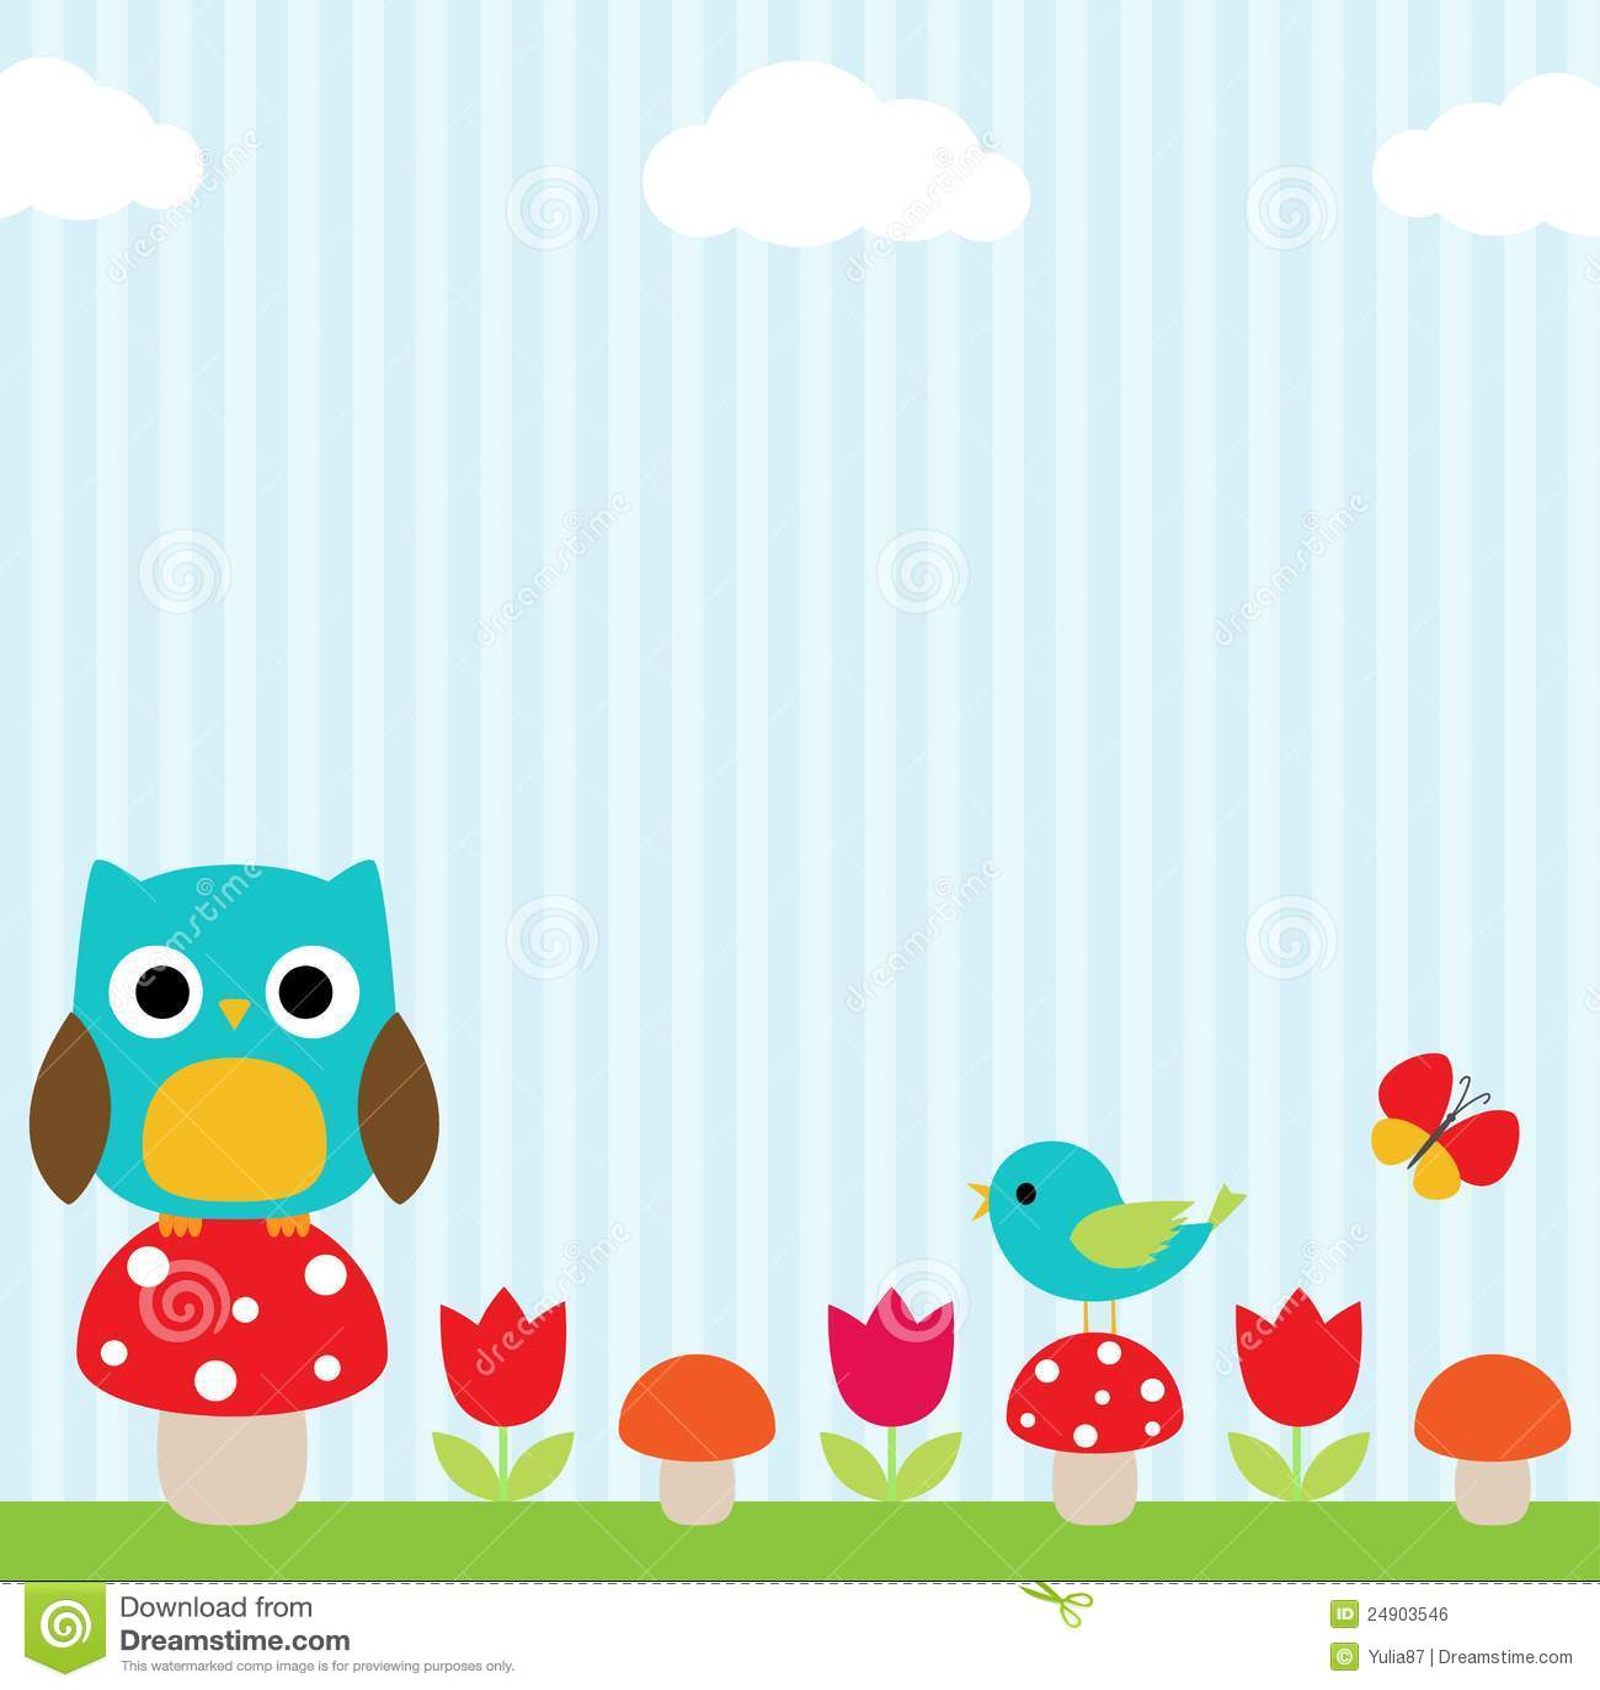 Cute Owl Wallpaper Border Owl Background Stock Vector Illustration Of Girl Flower